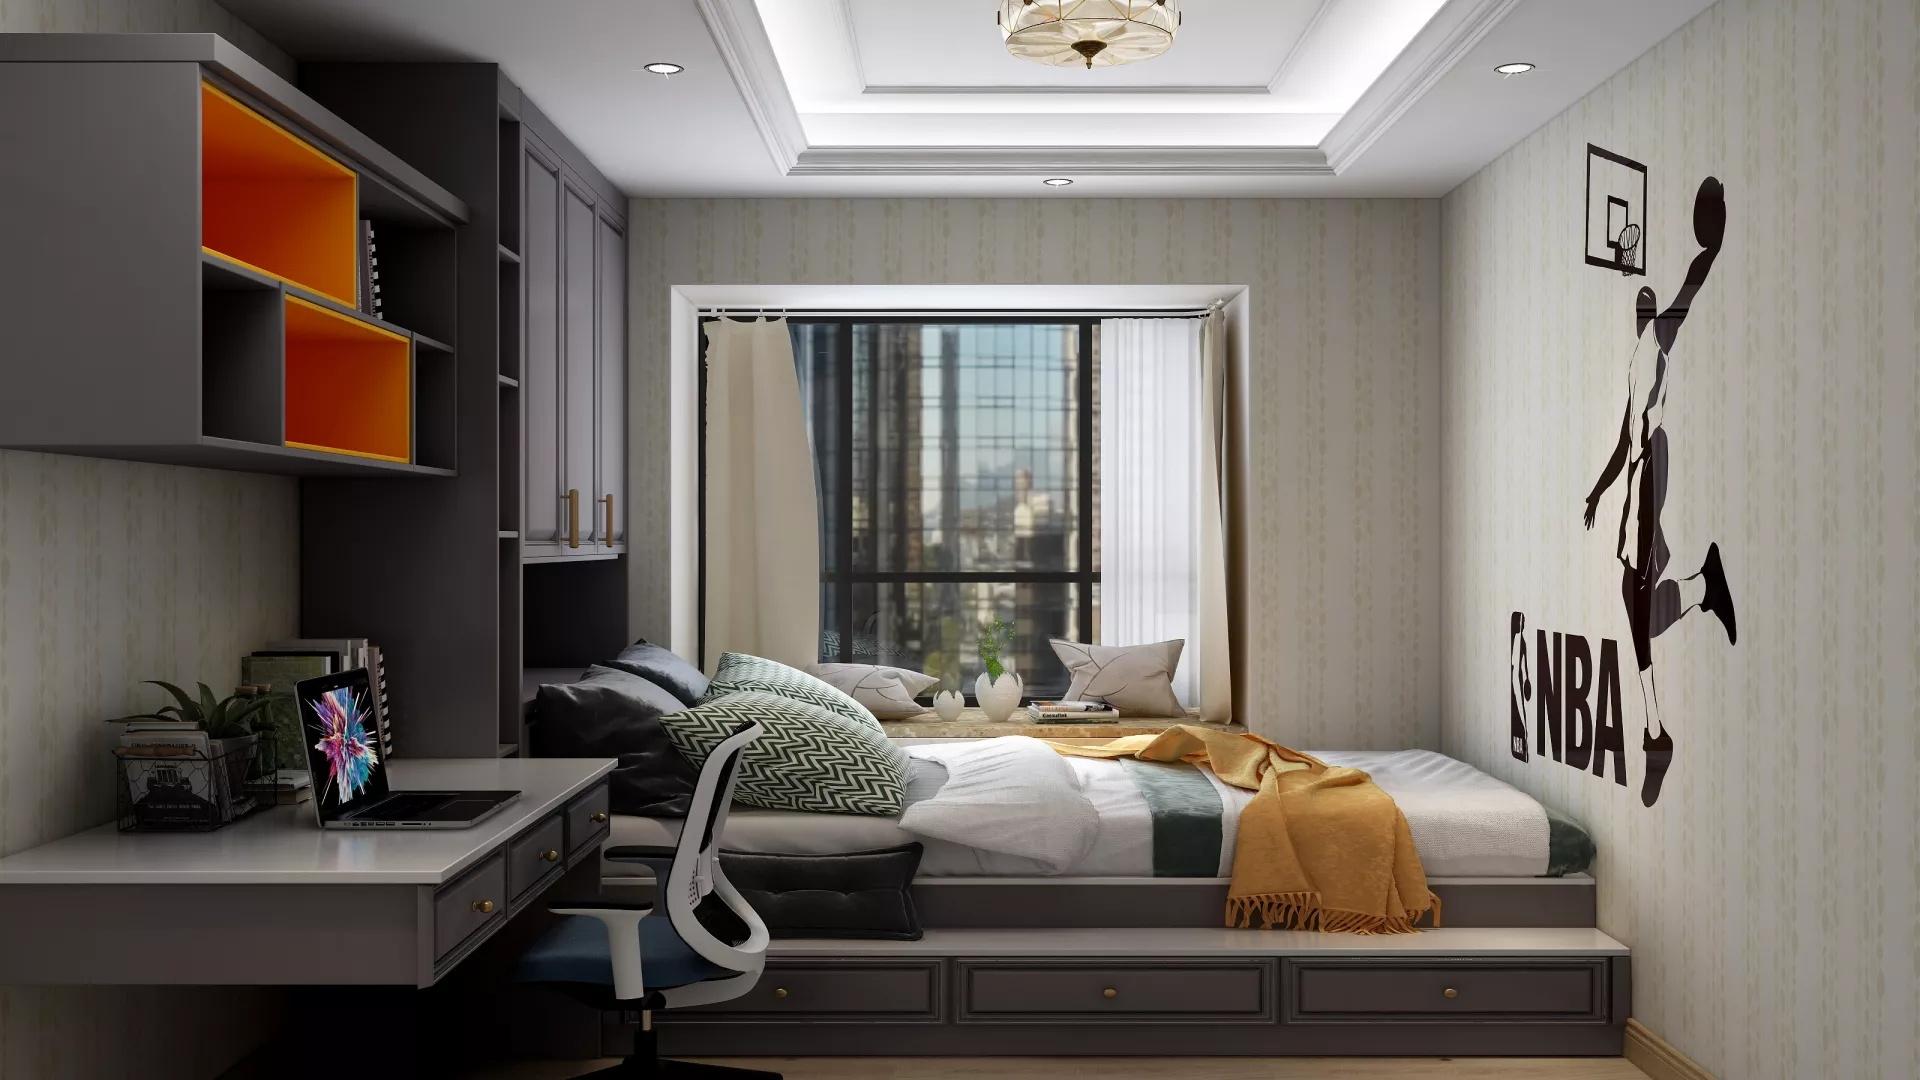 一般的一些床上用品的尺寸是多少?